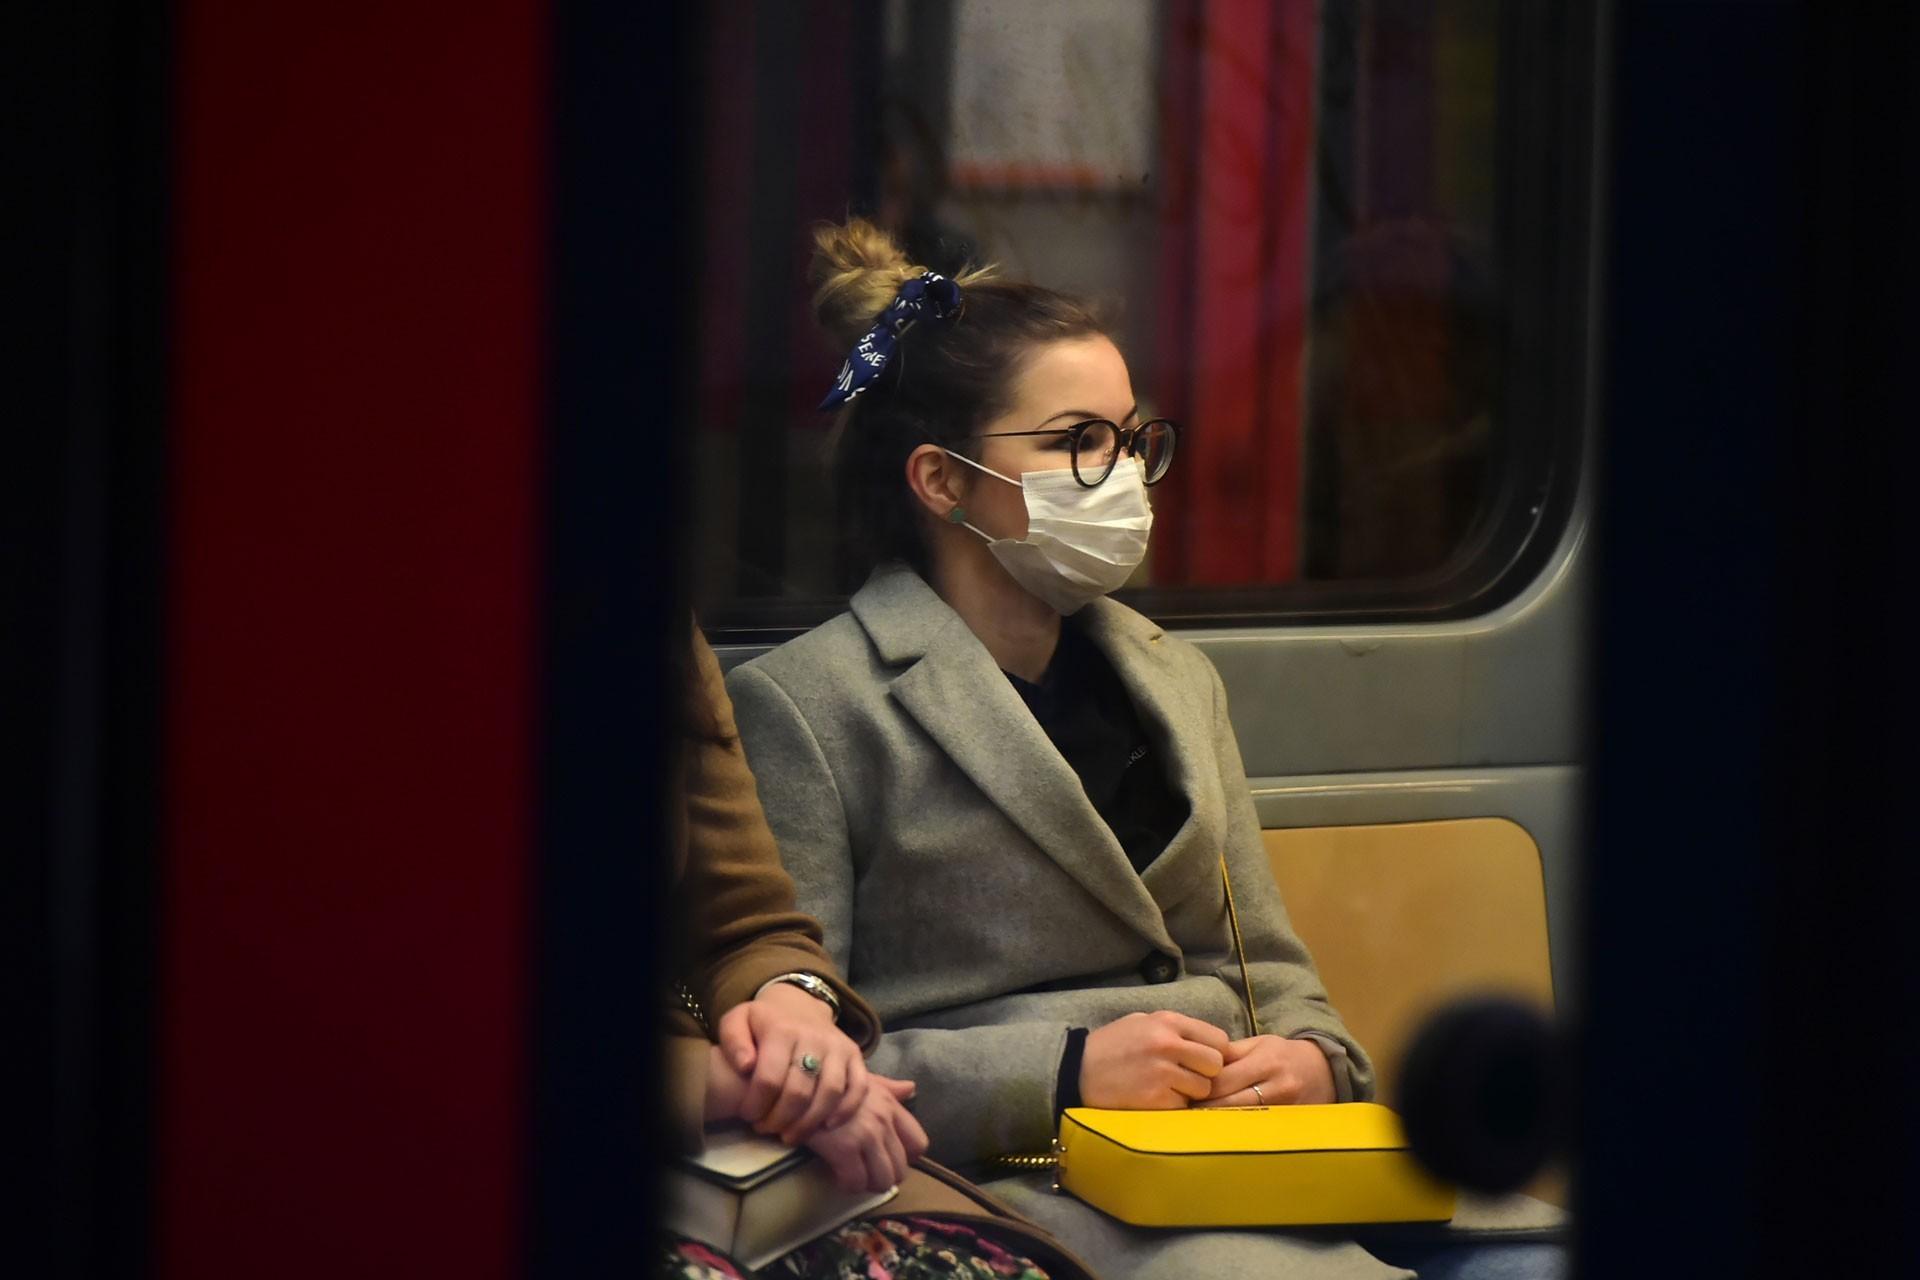 Metroda oturan, yüzü maskeli bir kadın